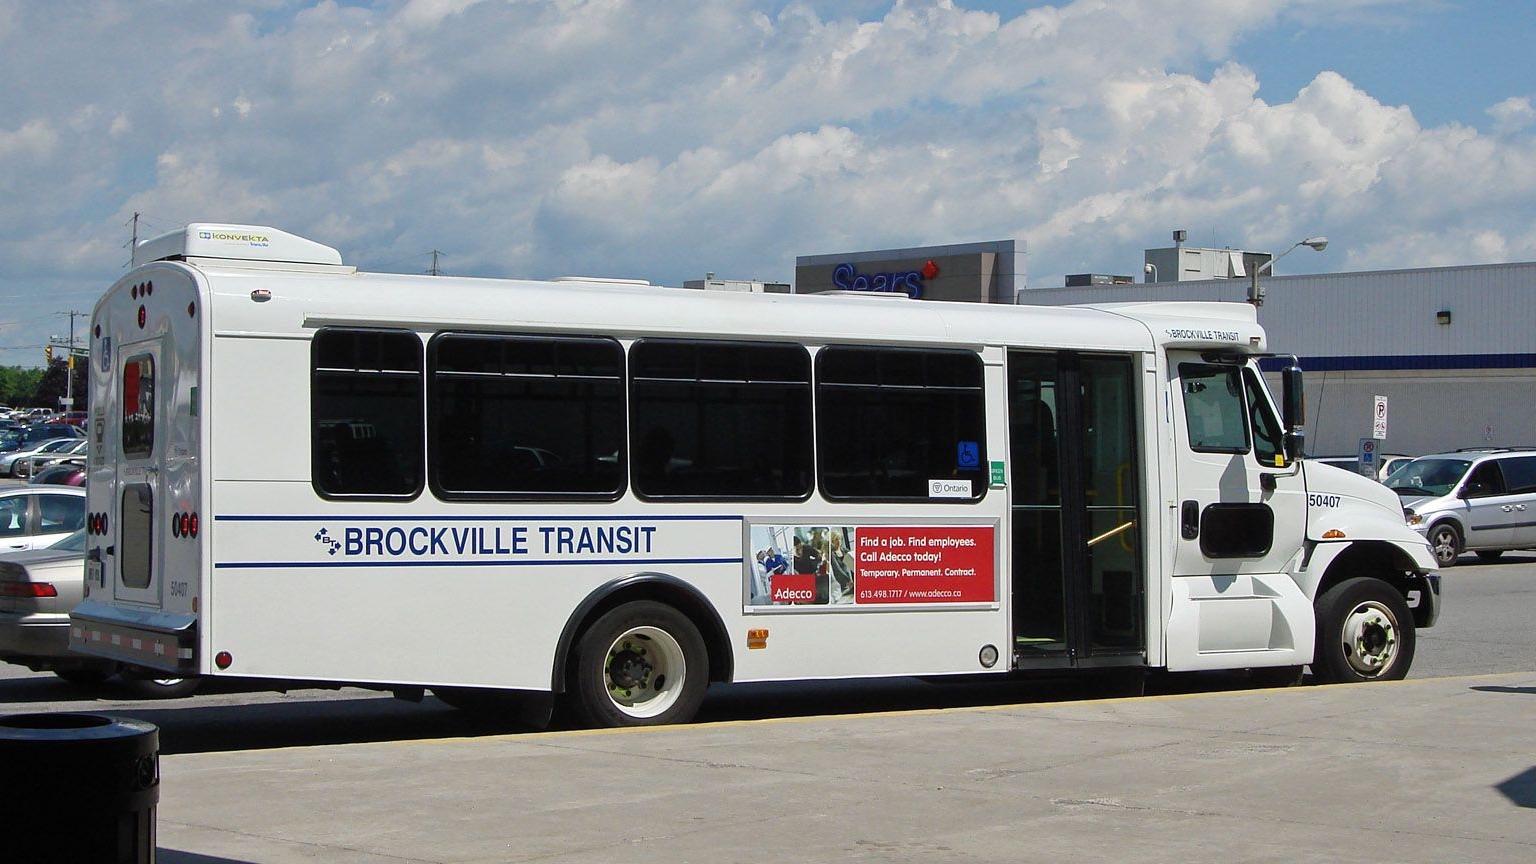 brockville transit bus